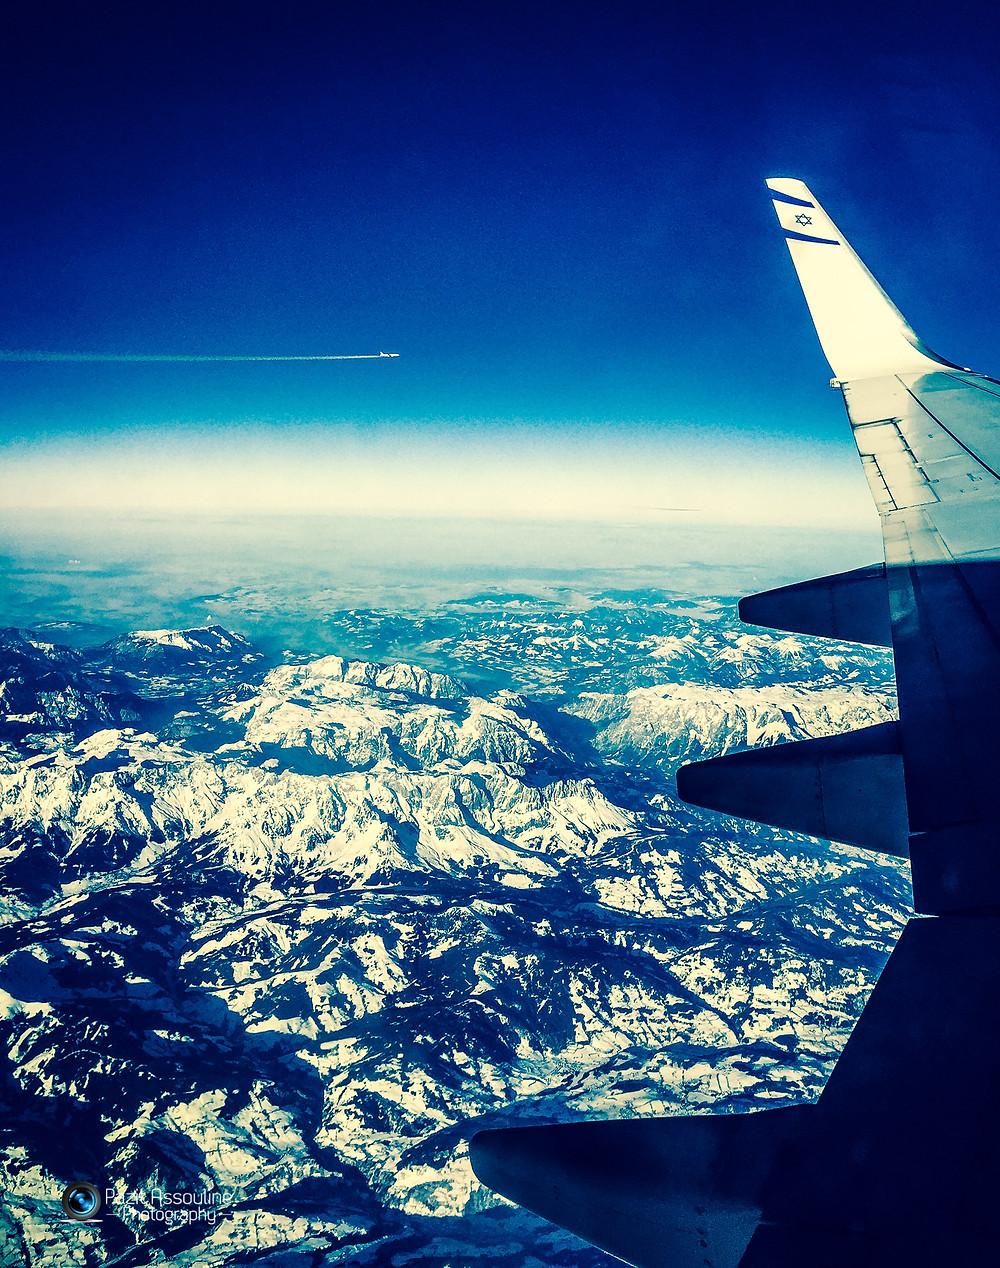 צילום מהמטוס בדרך לישראל, מלונדון